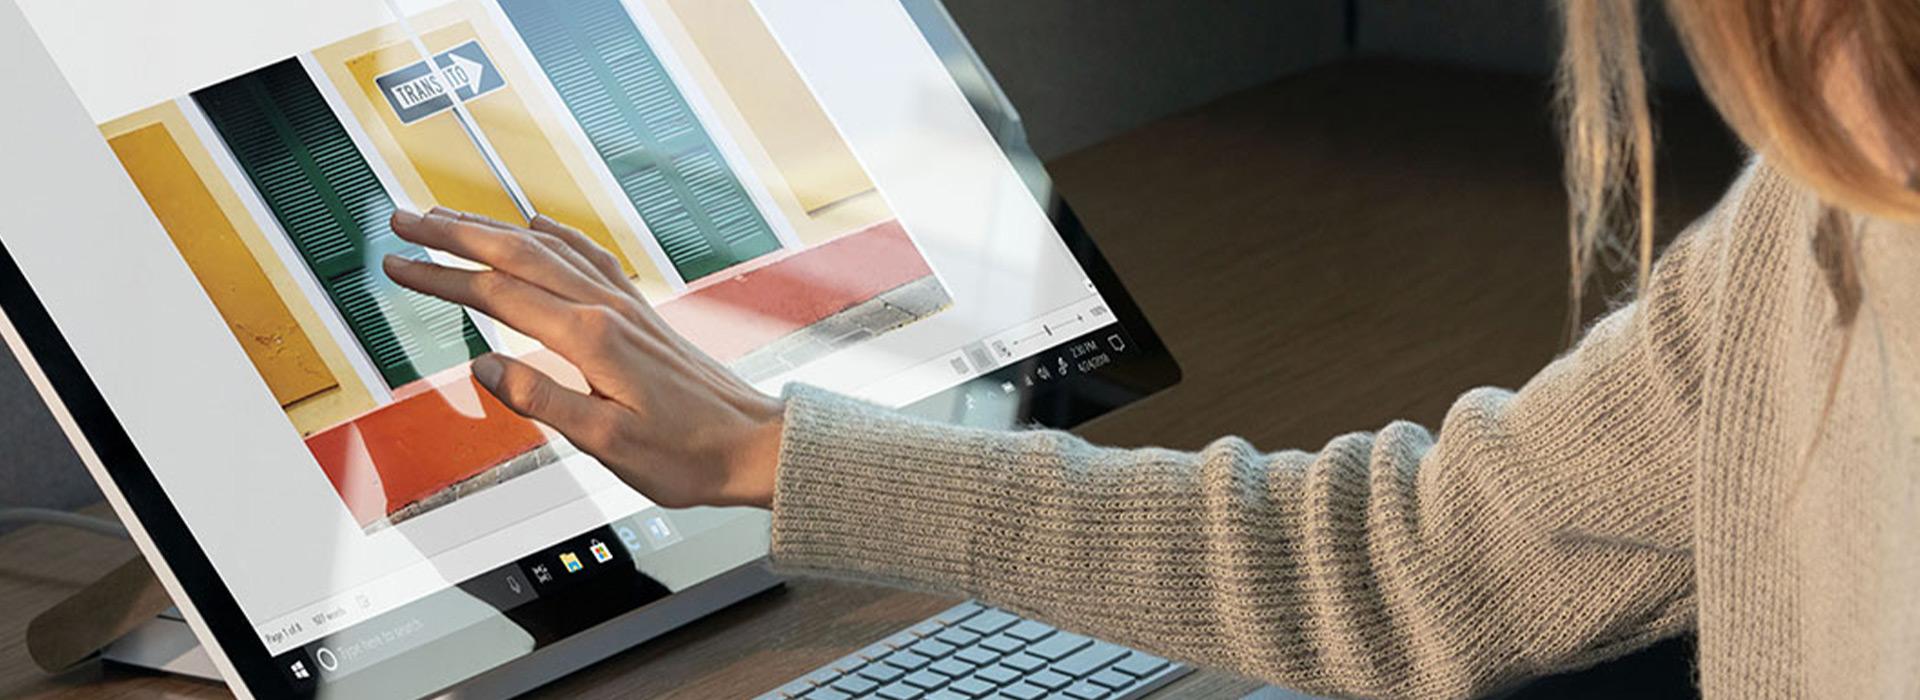 Nainen käyttää Surface Studion kosketusnäyttöä